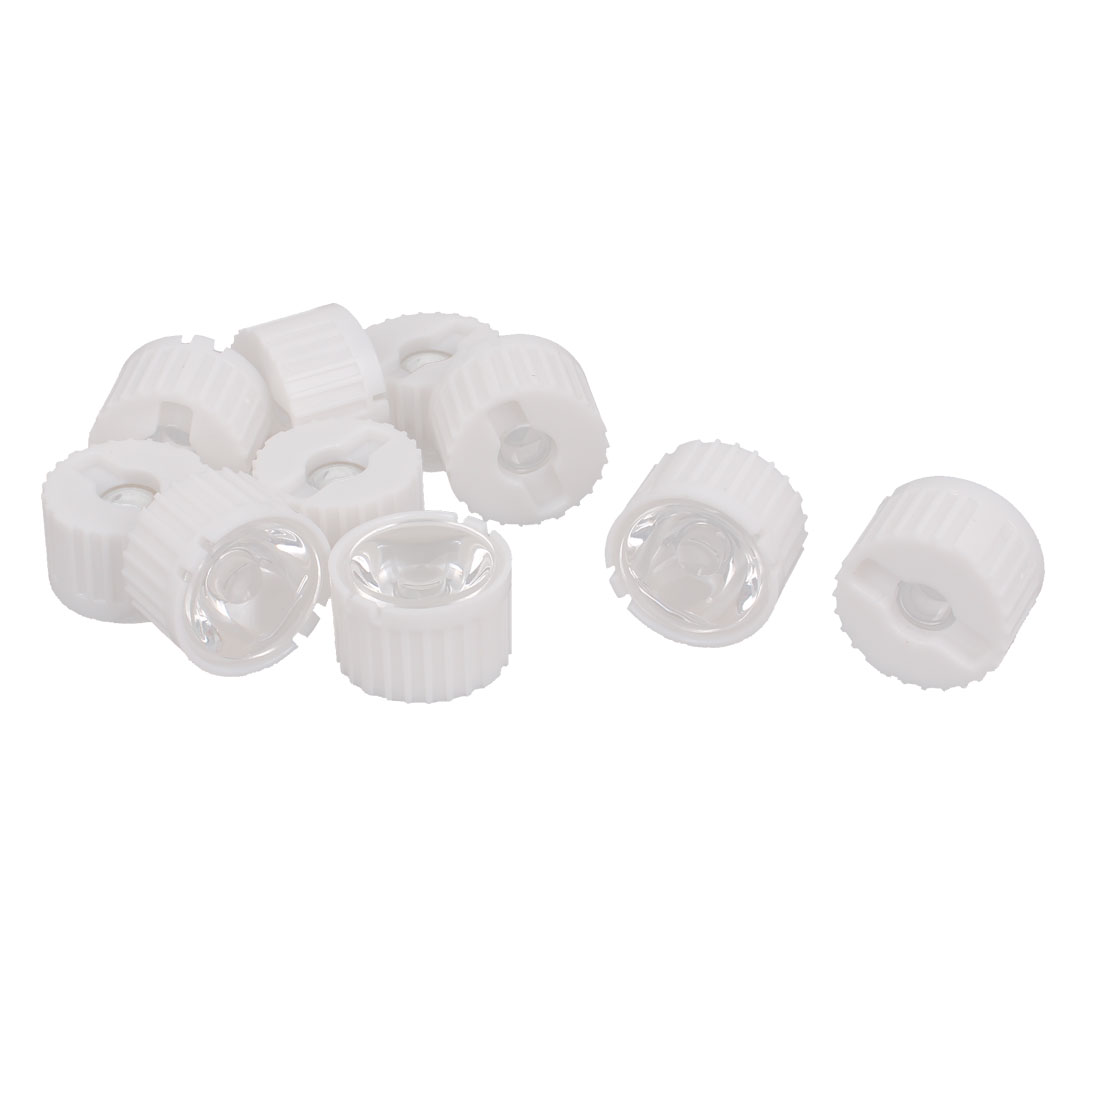 10 Pcs 45 Degree View Angle Condenser Light LED Optical Lens w White Holder